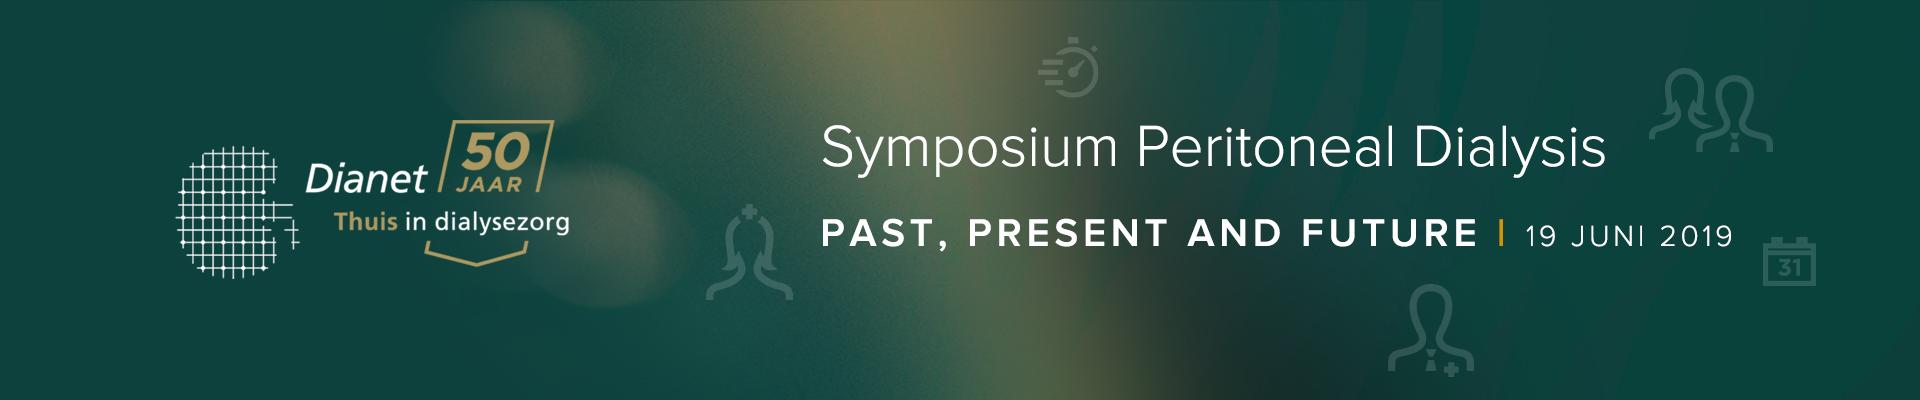 Symposium Peritoneal dialysis: past, present and future